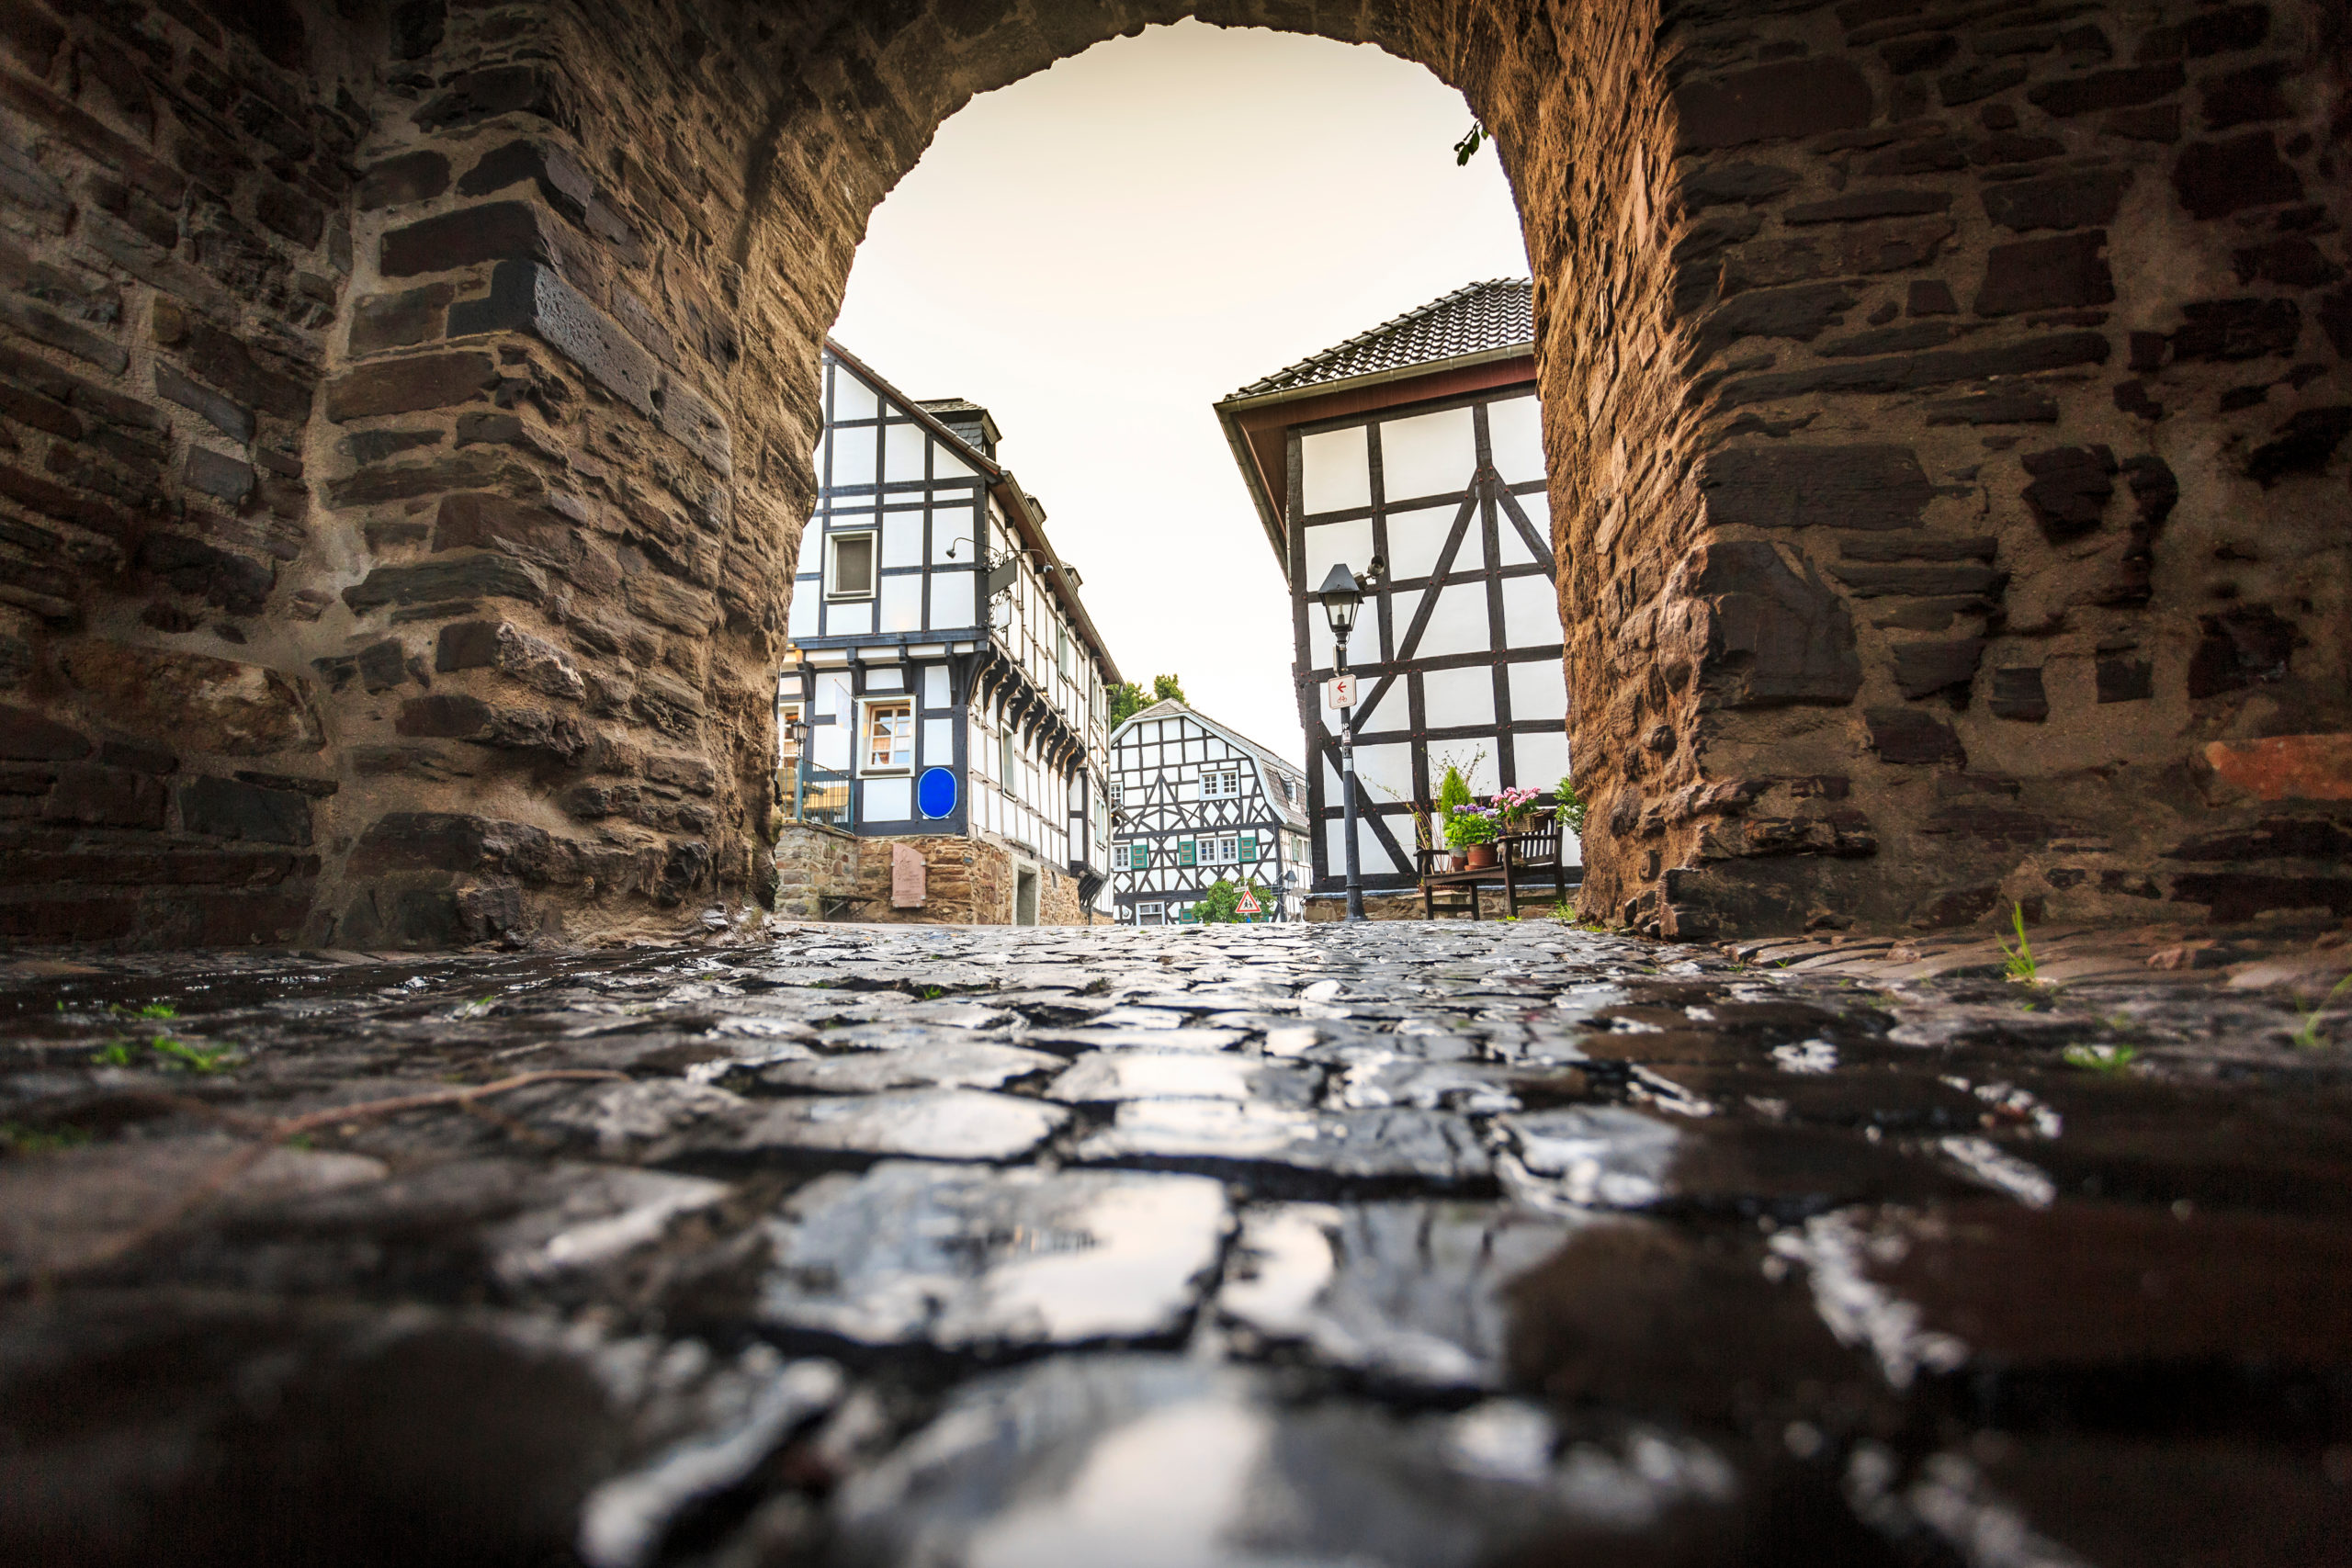 Haushaltsauflösung und Entrümpelug in Hennef (Sieg)